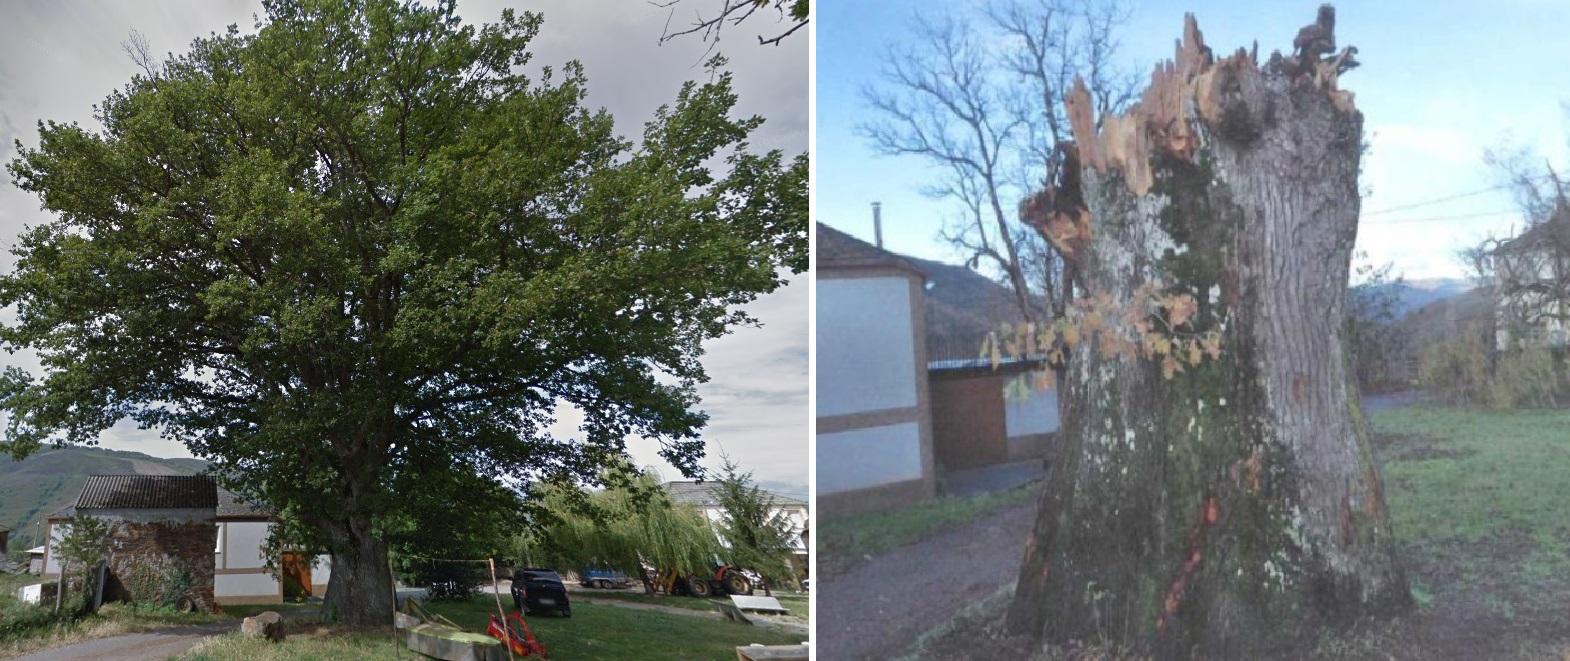 Fotos de 2009 (esquerda) e 2018. Imaxes de Miguel Ángel Montero Vaz e DXPN.